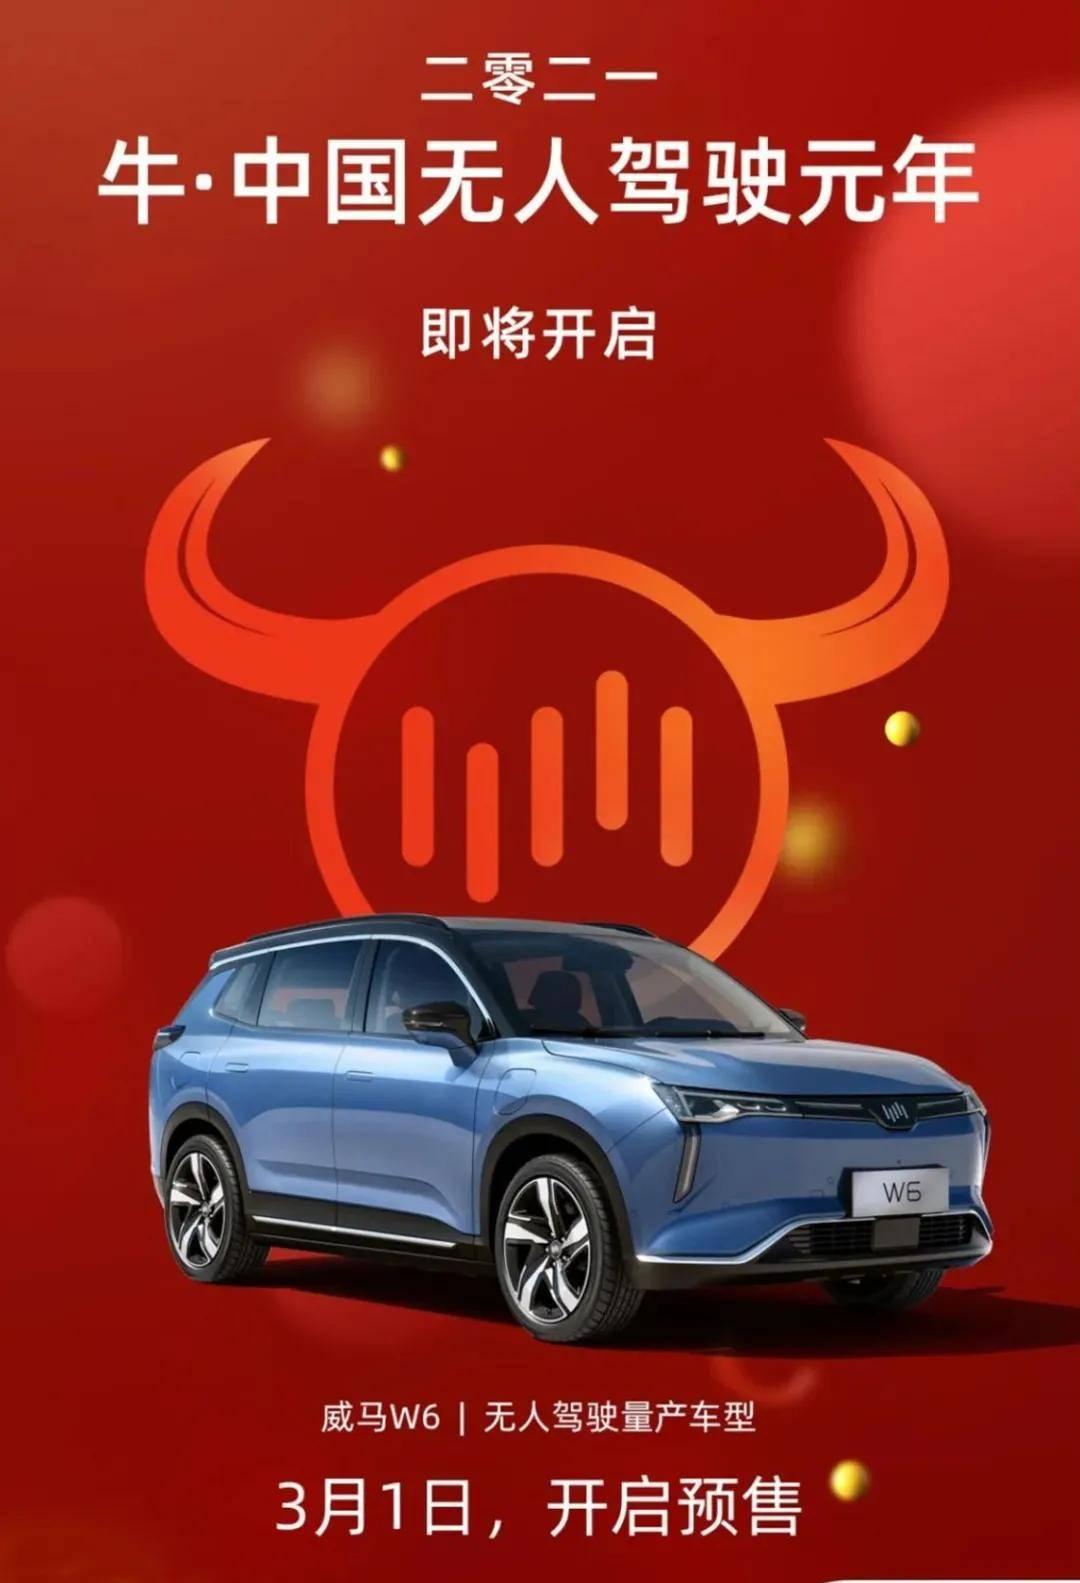 国内首款无人驾驶量产车威马W6将于3月1日正式开启预售